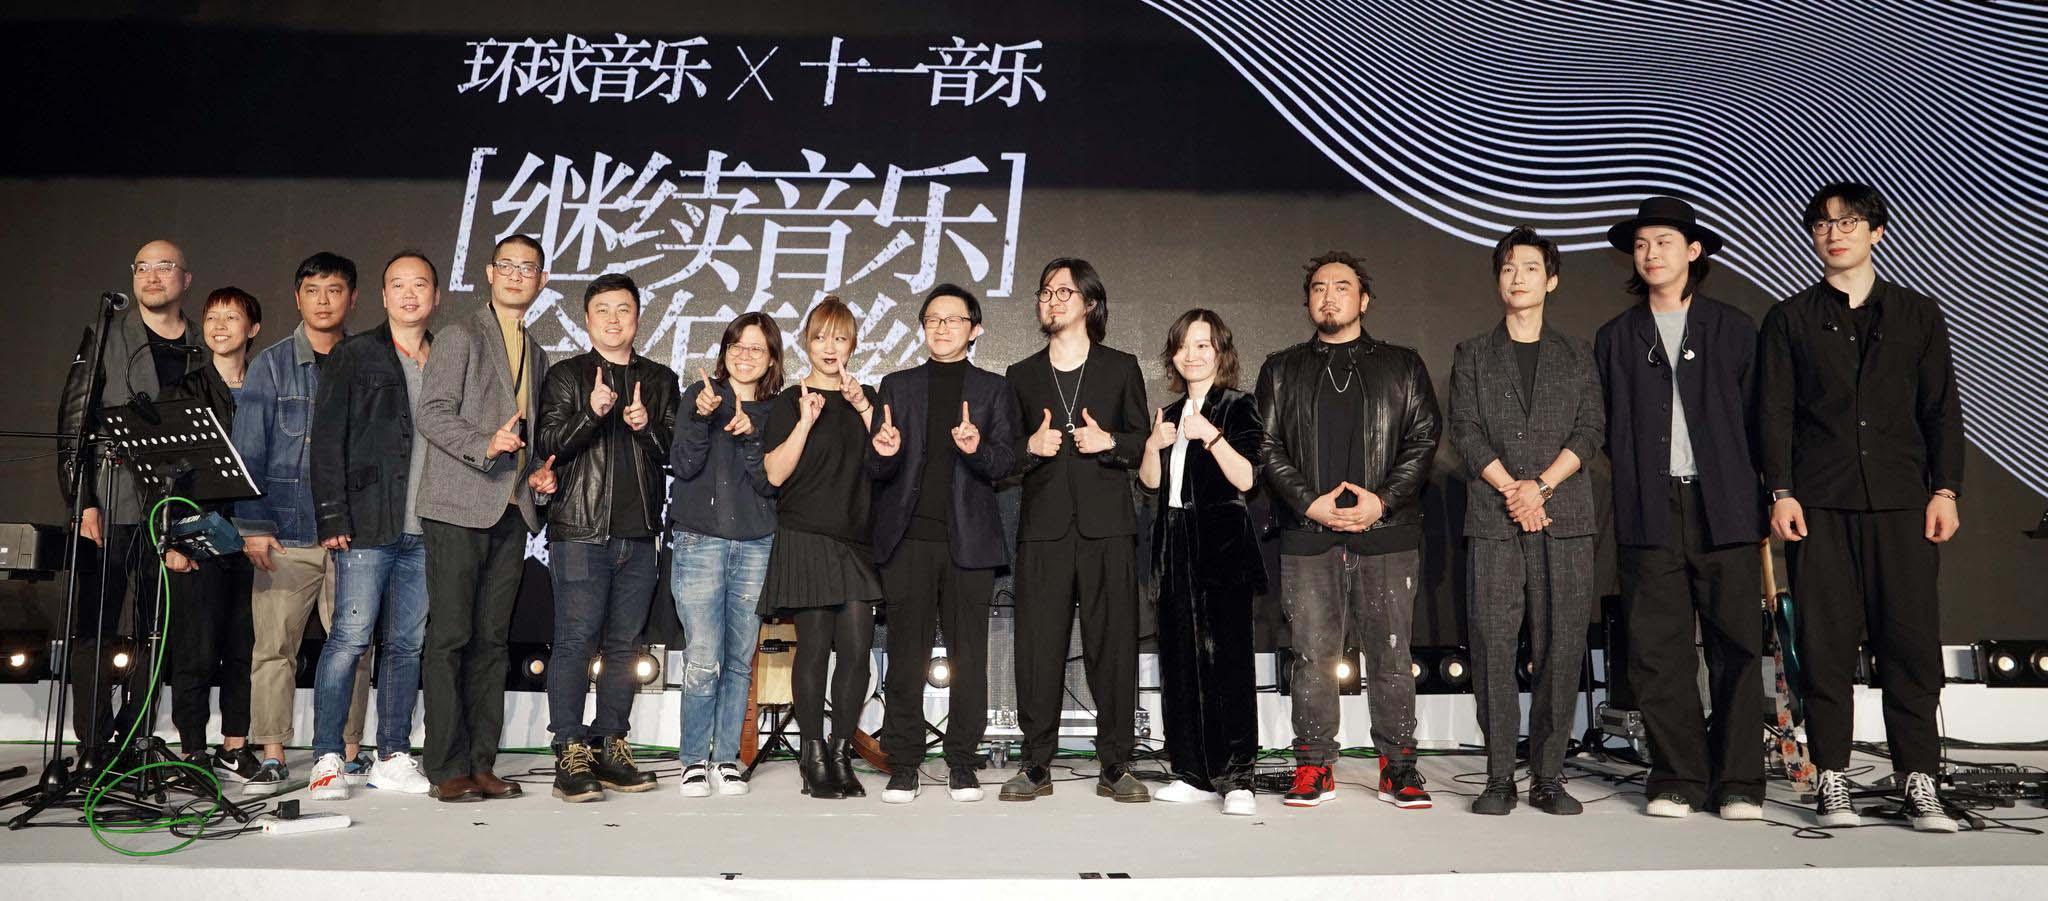 环球音乐与十一音乐在京举行合作签约发布会